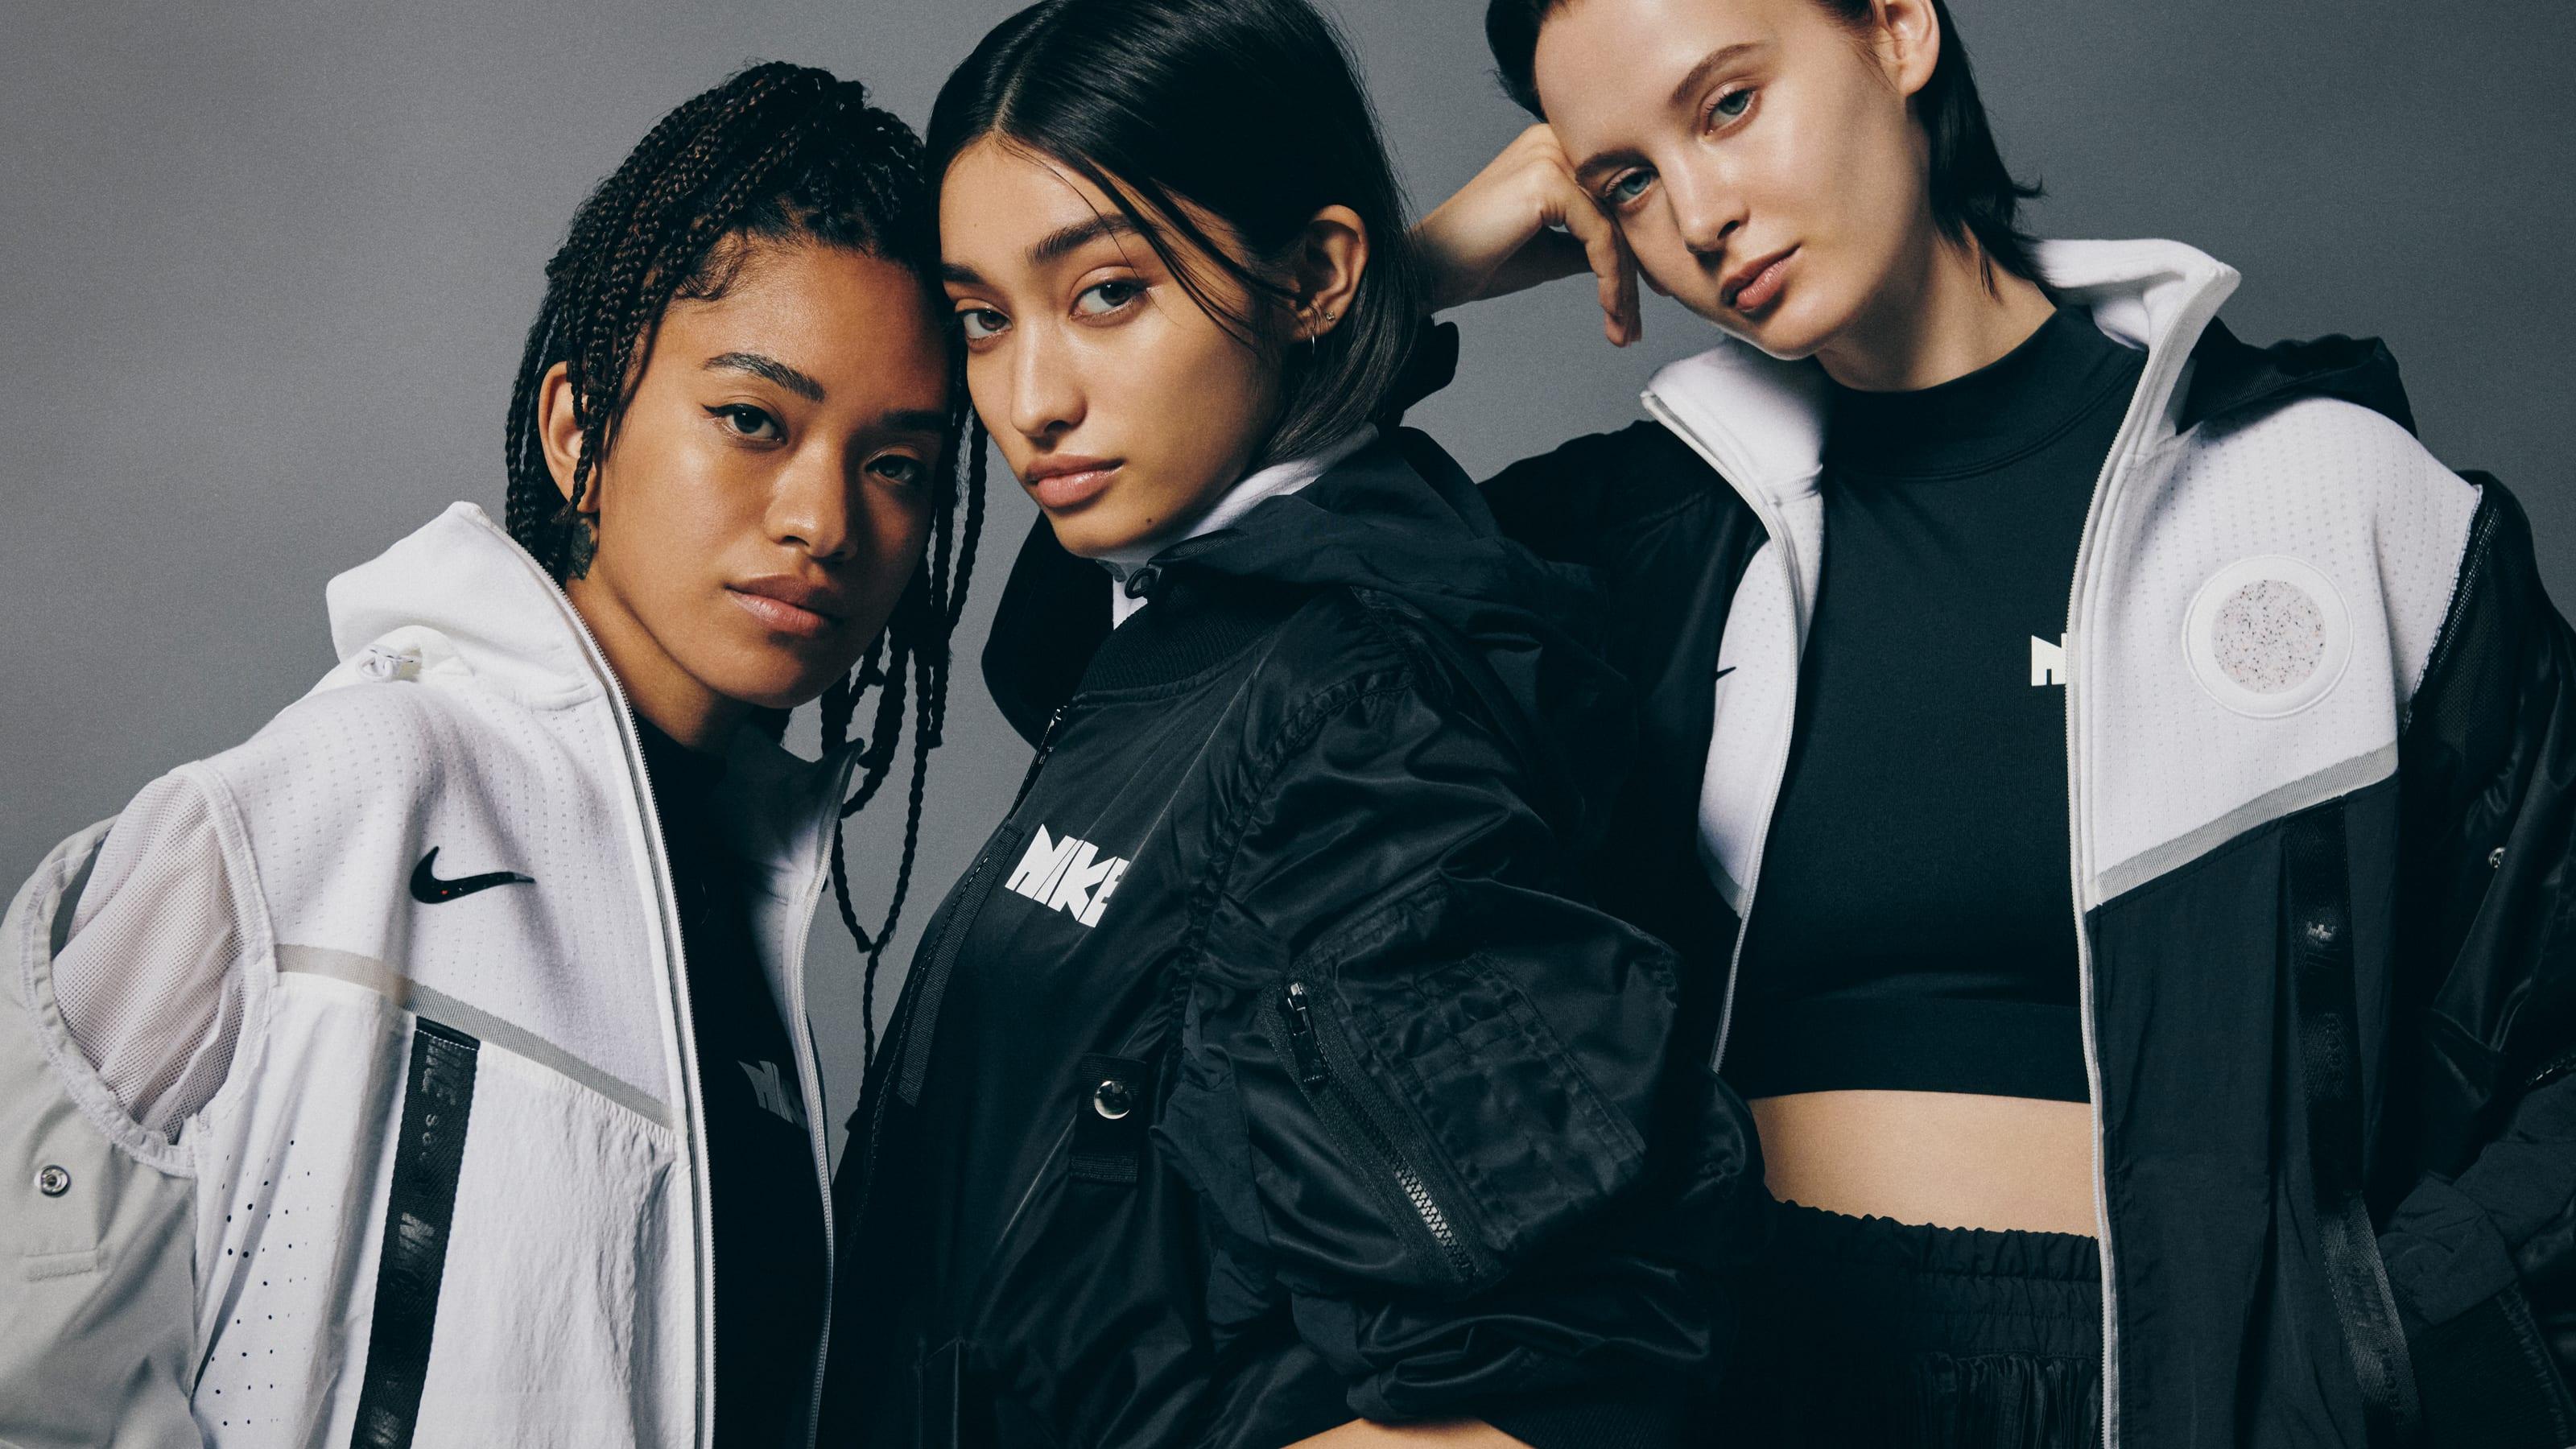 Sacai x Nike Collection 2021 Tokyo Olympics